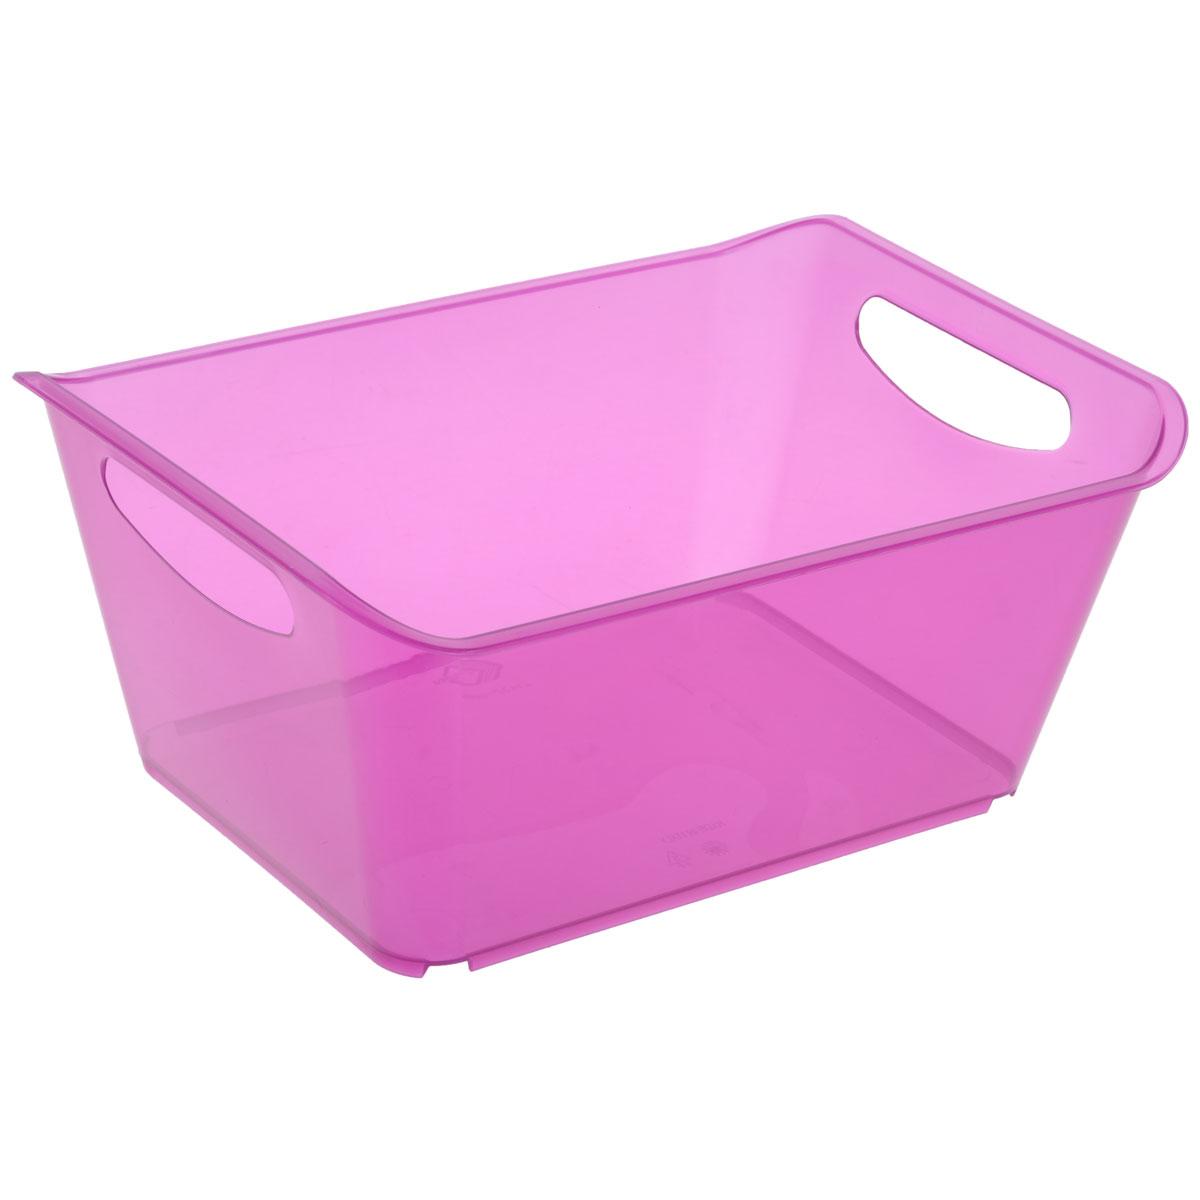 Контейнер Gensini, цвет: сиреневый, 10 л3332Контейнер Gensini выполнен из прочного пластика. Он предназначен для хранения различных мелких вещей в ванной, на кухне, даче или гараже, исключая возможность их потери. По бокам контейнера предусмотрены две удобные ручки для его переноски.Контейнер поможет хранить все в одном месте, а также защитить вещи от пыли, грязи и влаги. Объем: 10 л.